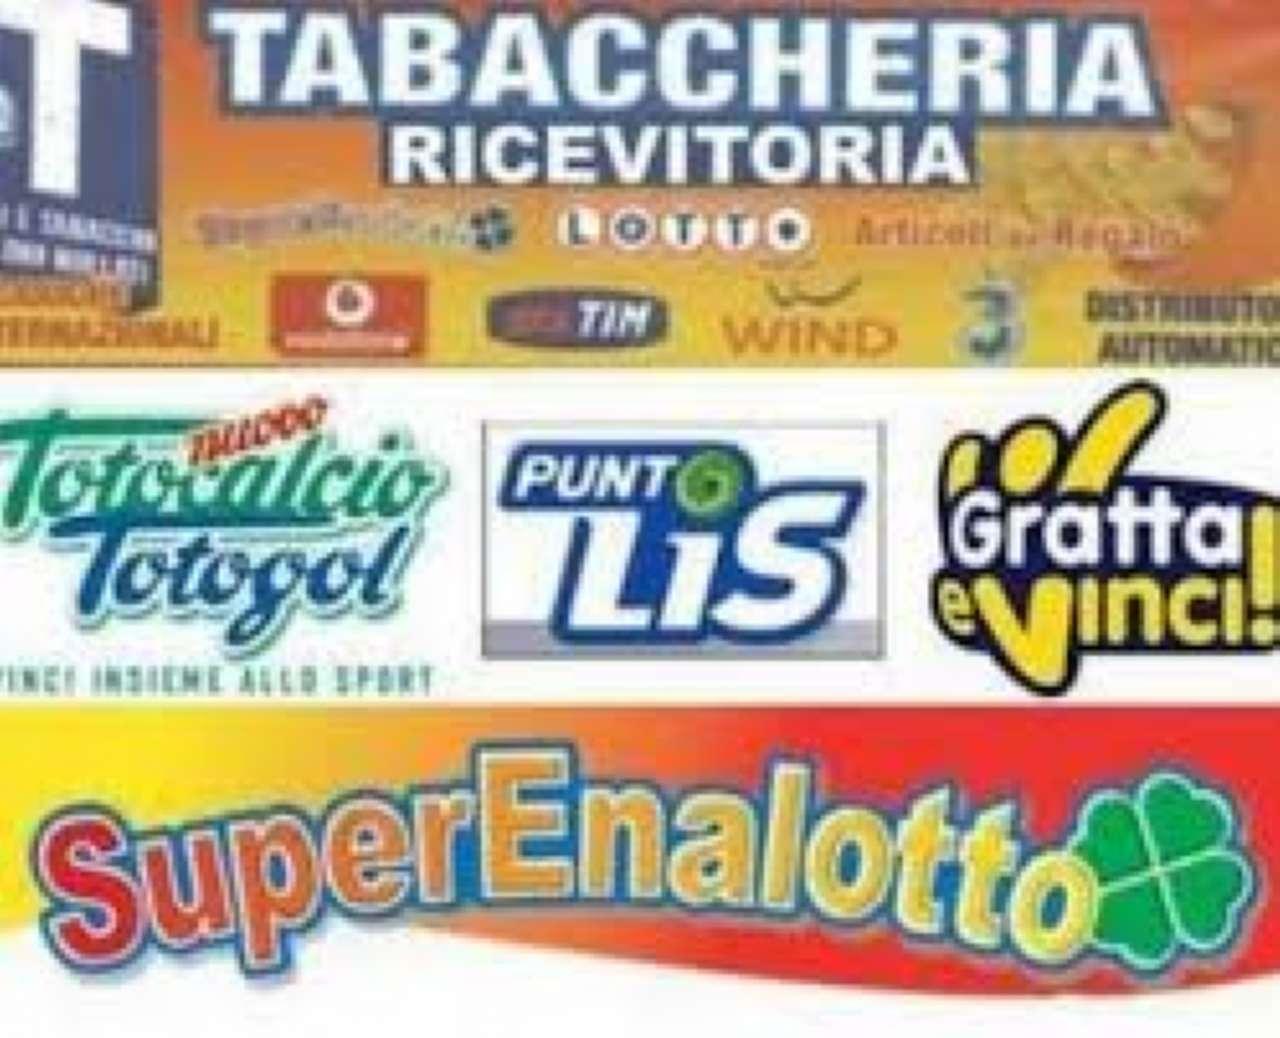 Tabaccheria Borgoratti. Rif. 8913016